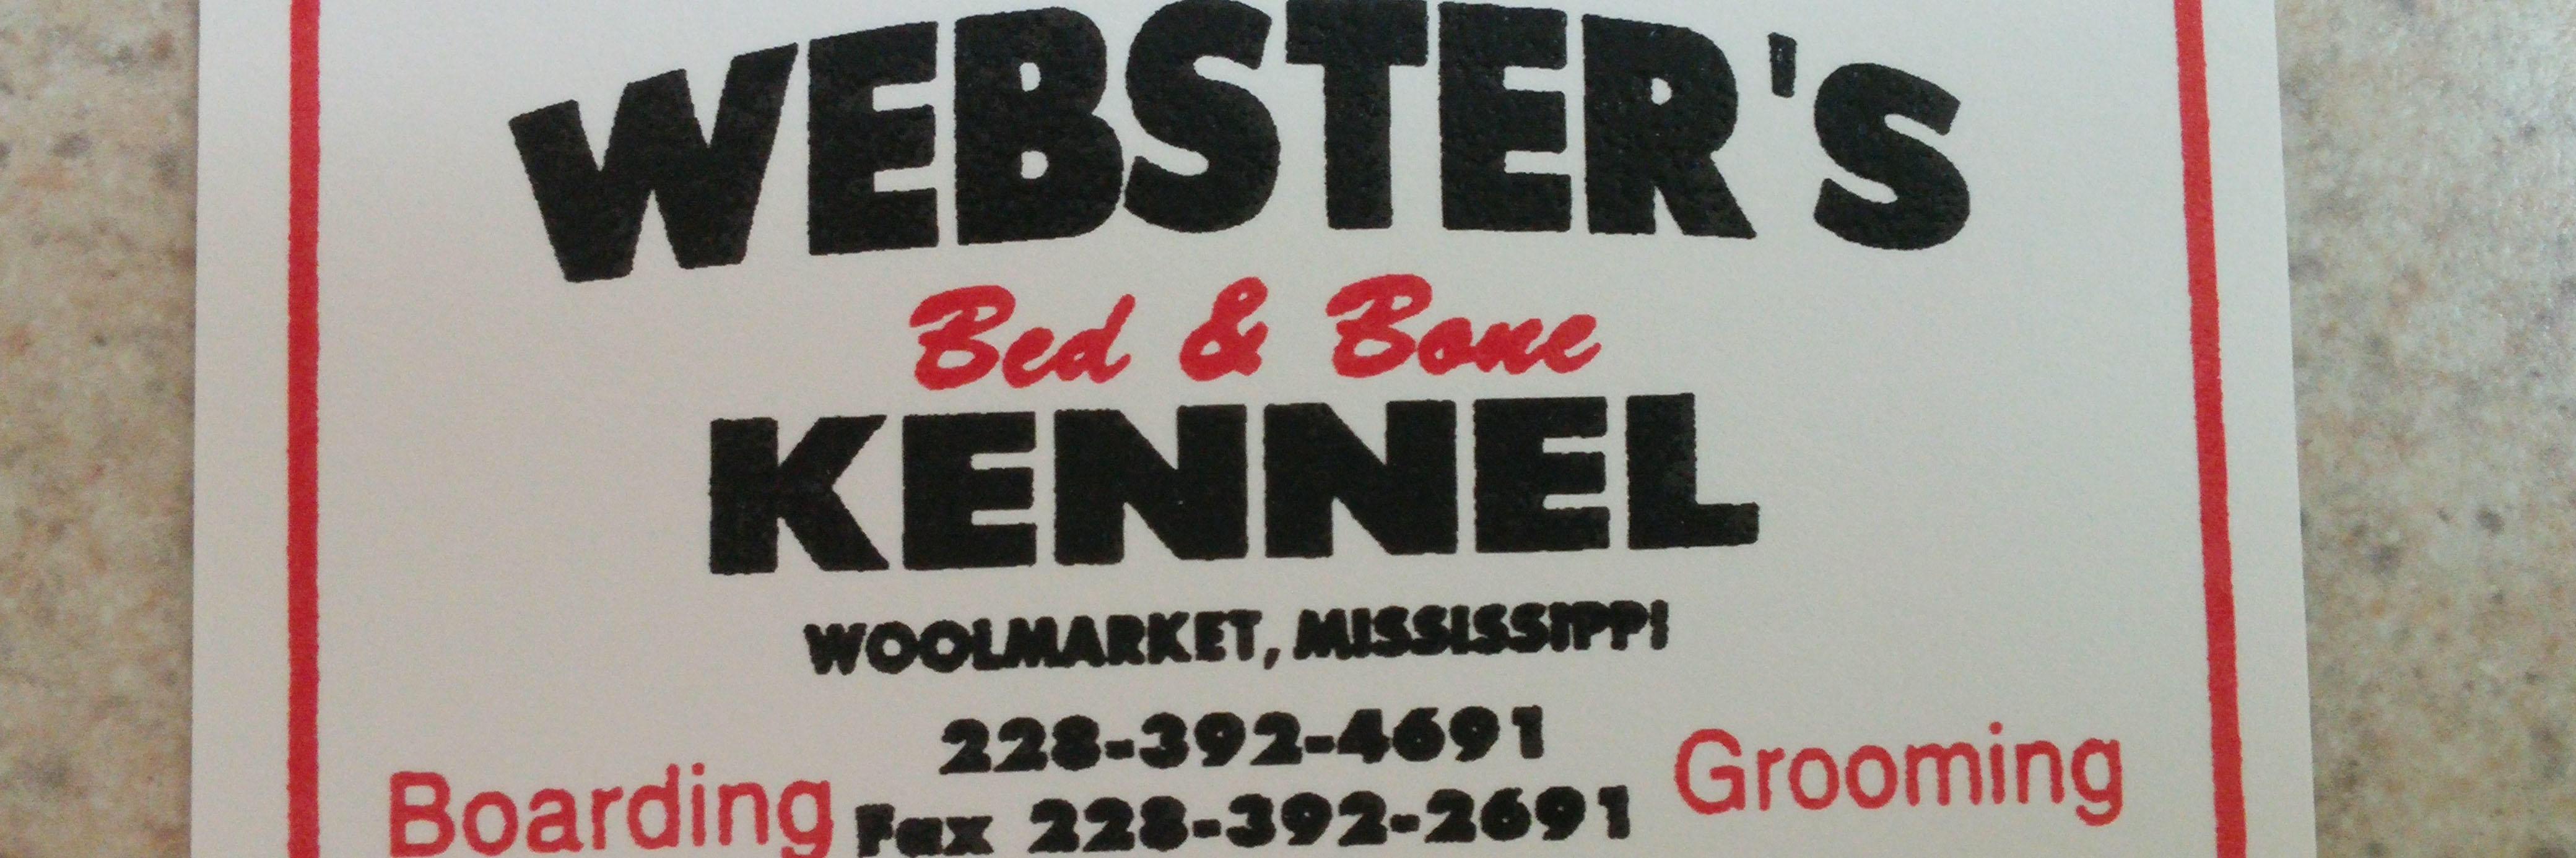 Websters Bed & Bone Kennel image 1